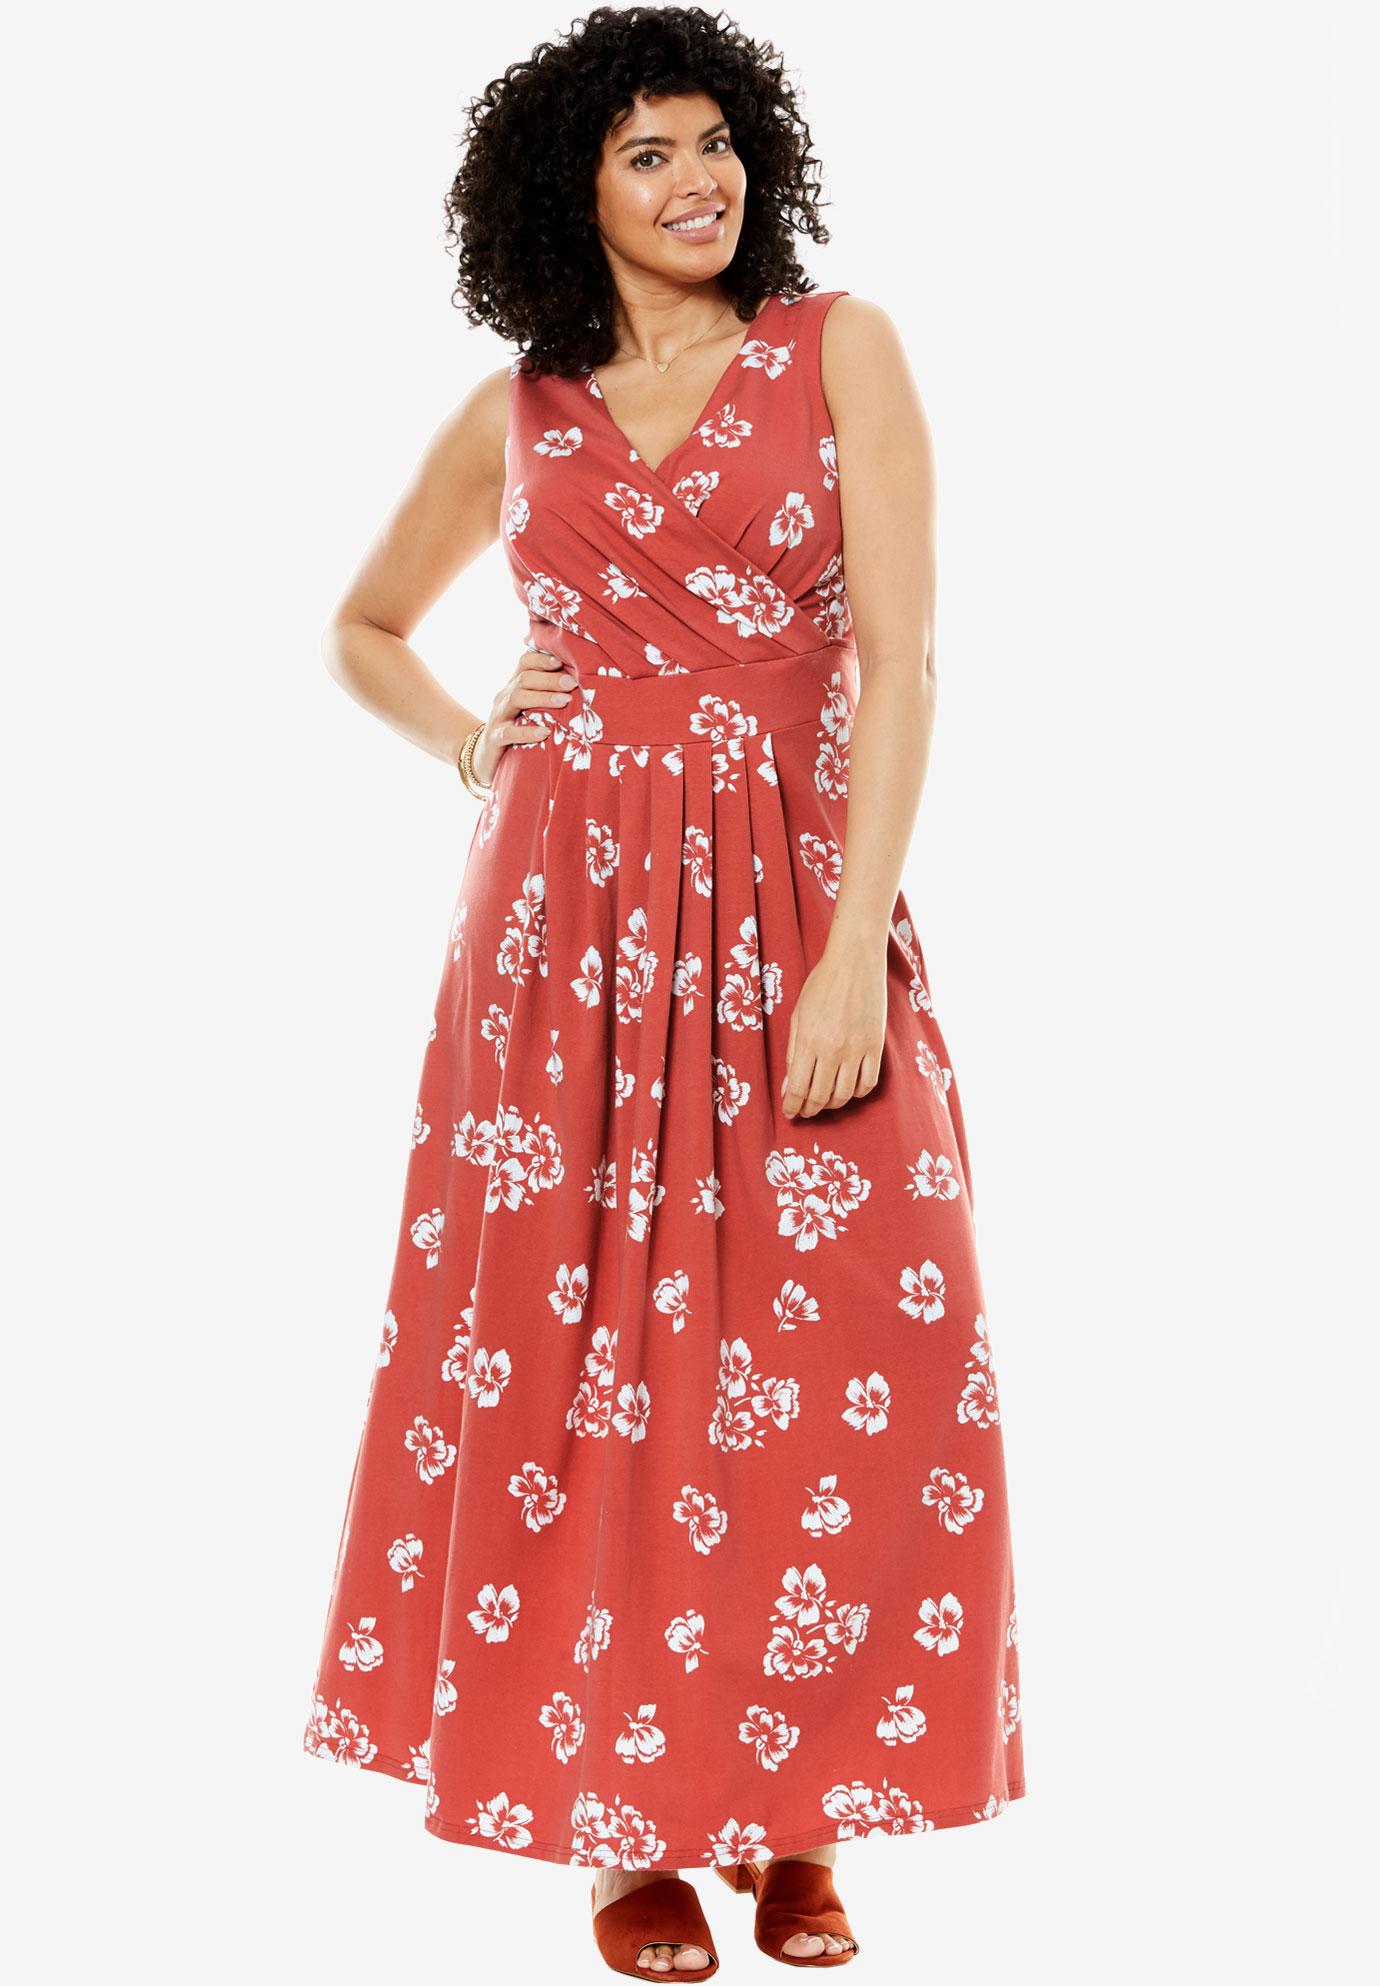 da1e4d33fb0 Stretch knit surplice dress in prints   solids